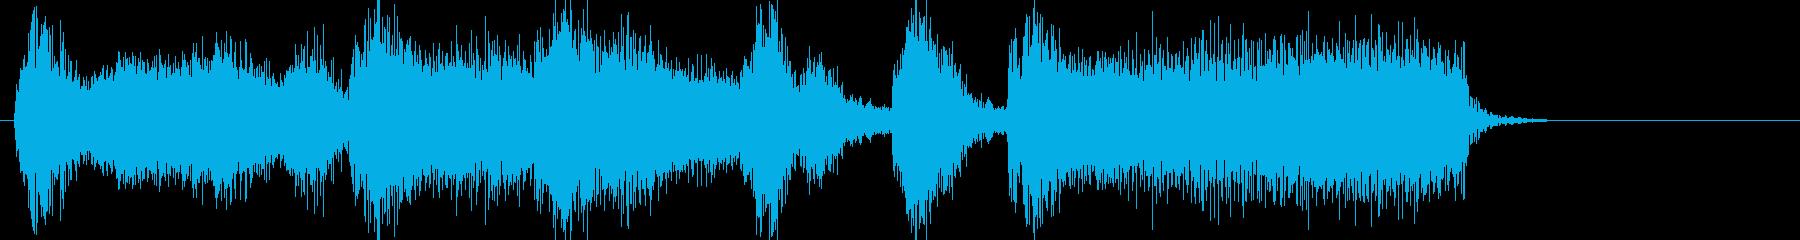 オーケストラジングルアイキャッチの再生済みの波形